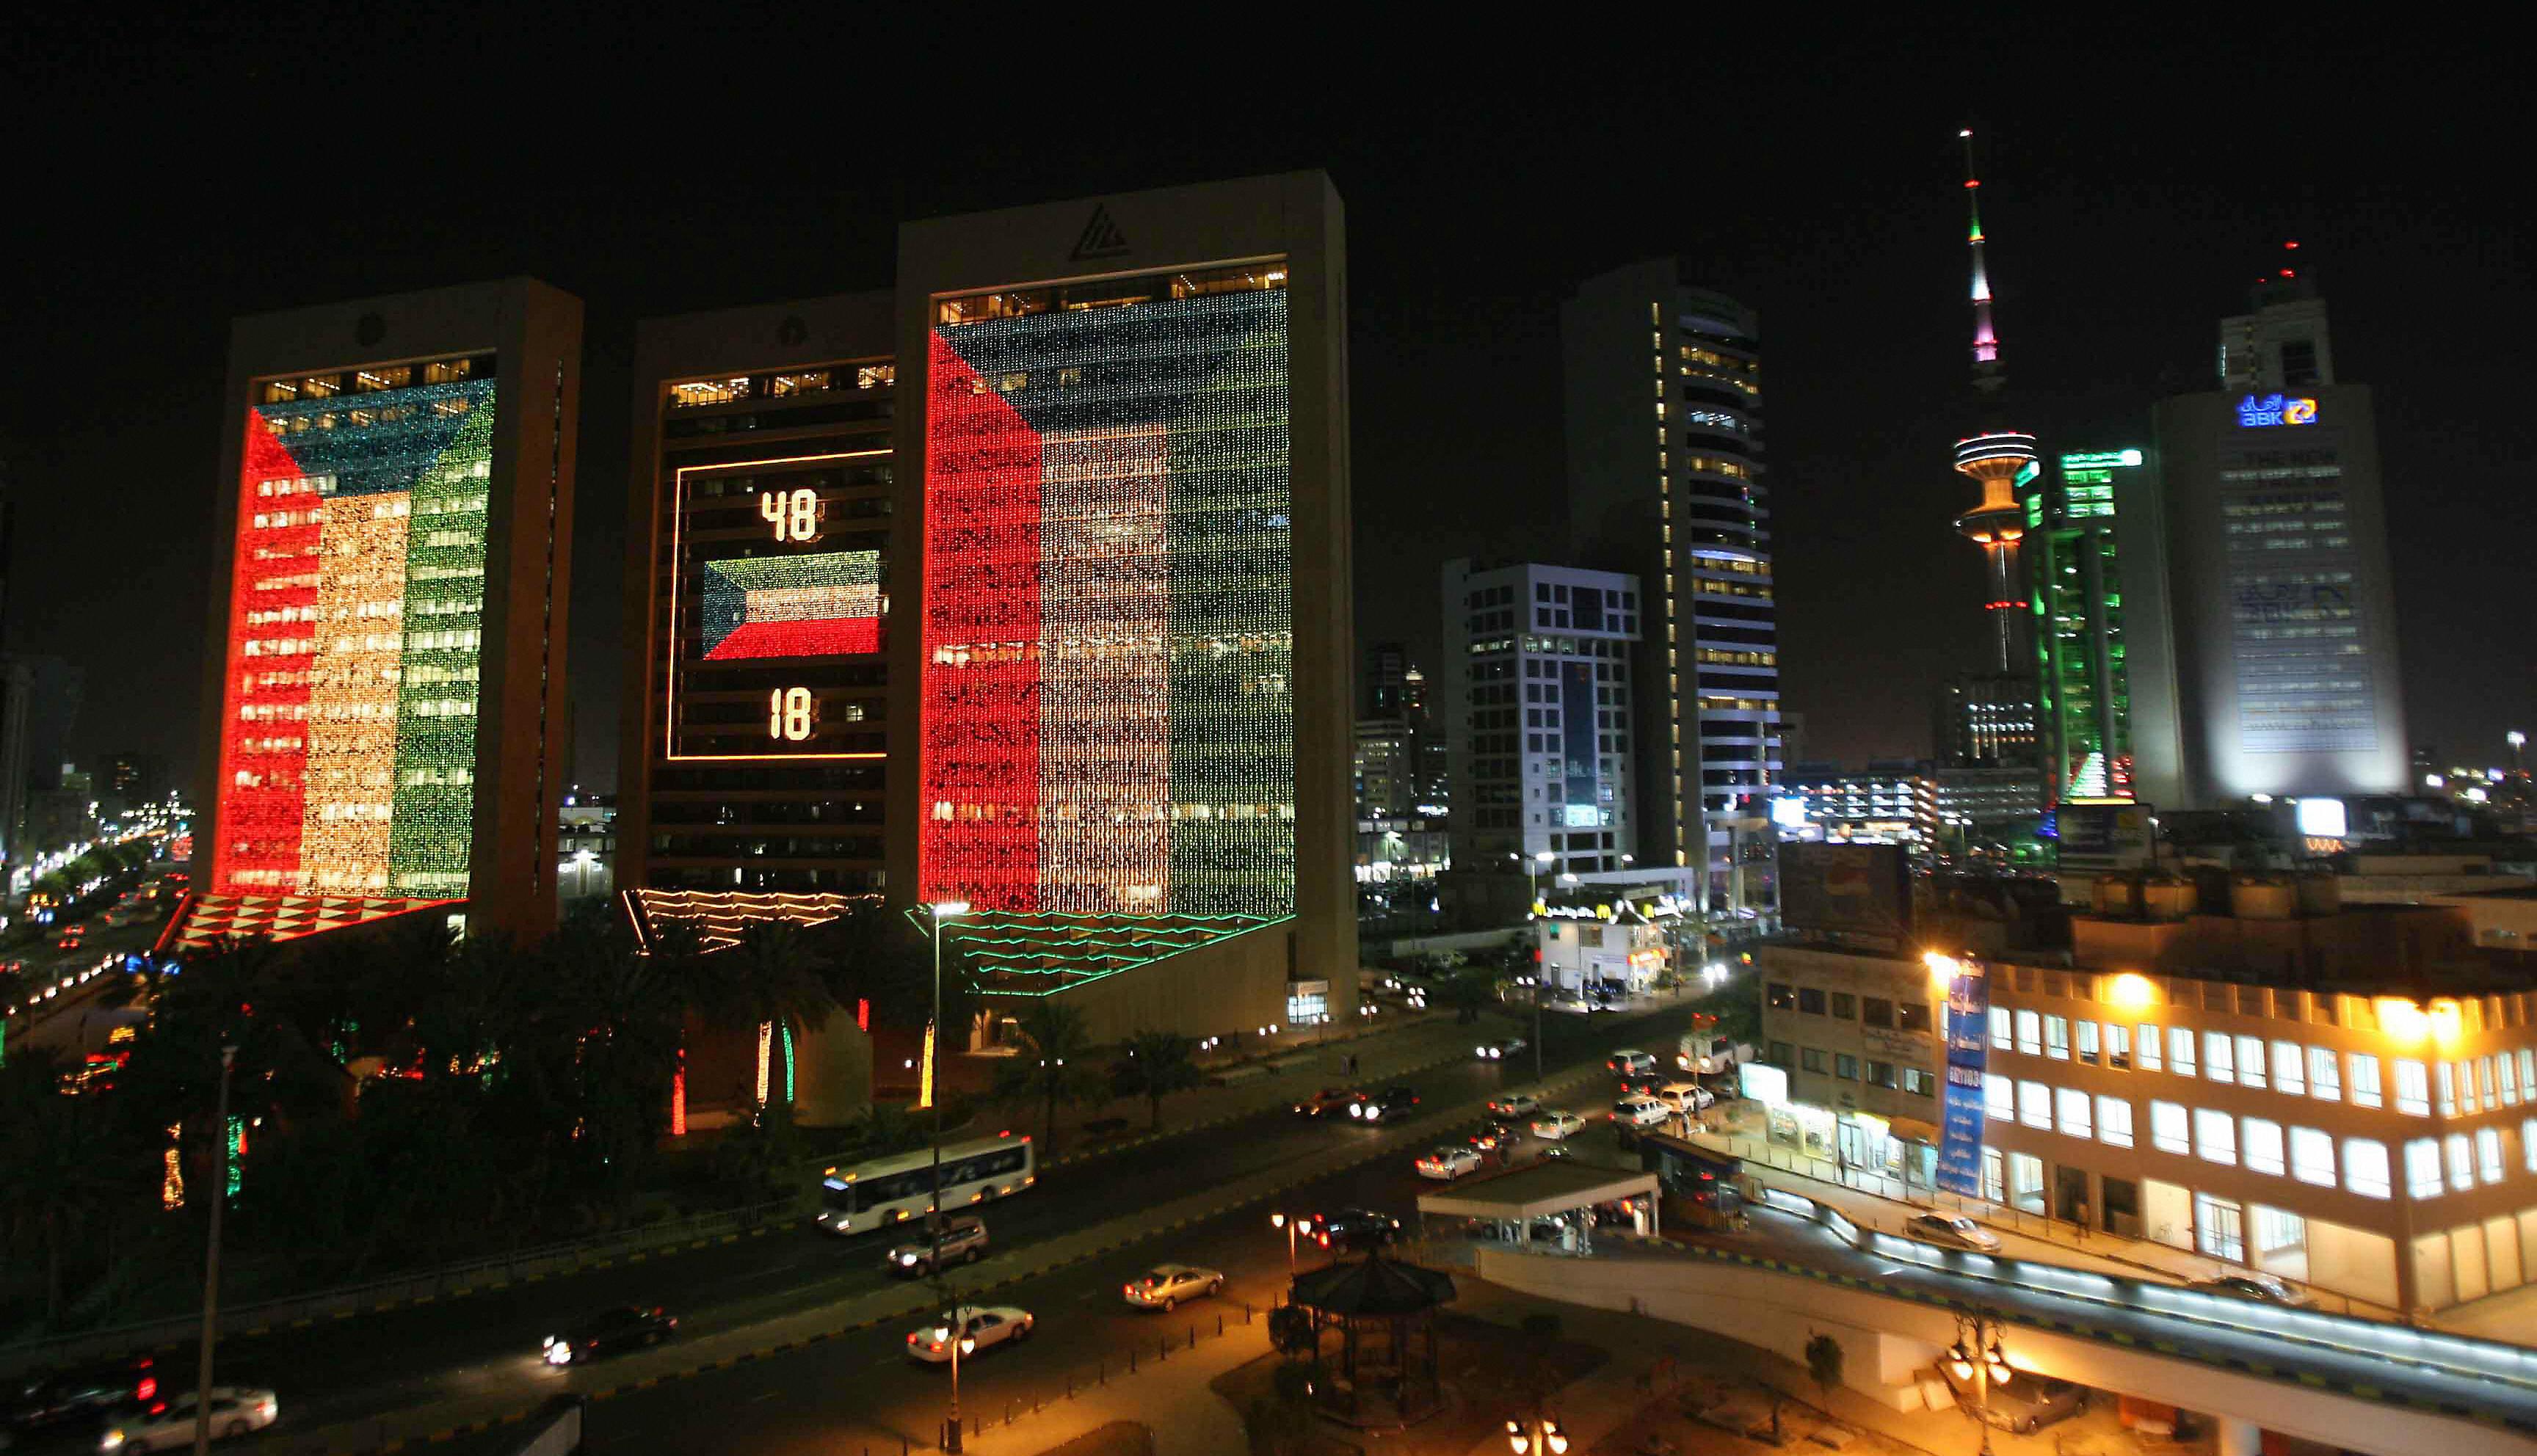 Kuwait's banking complex